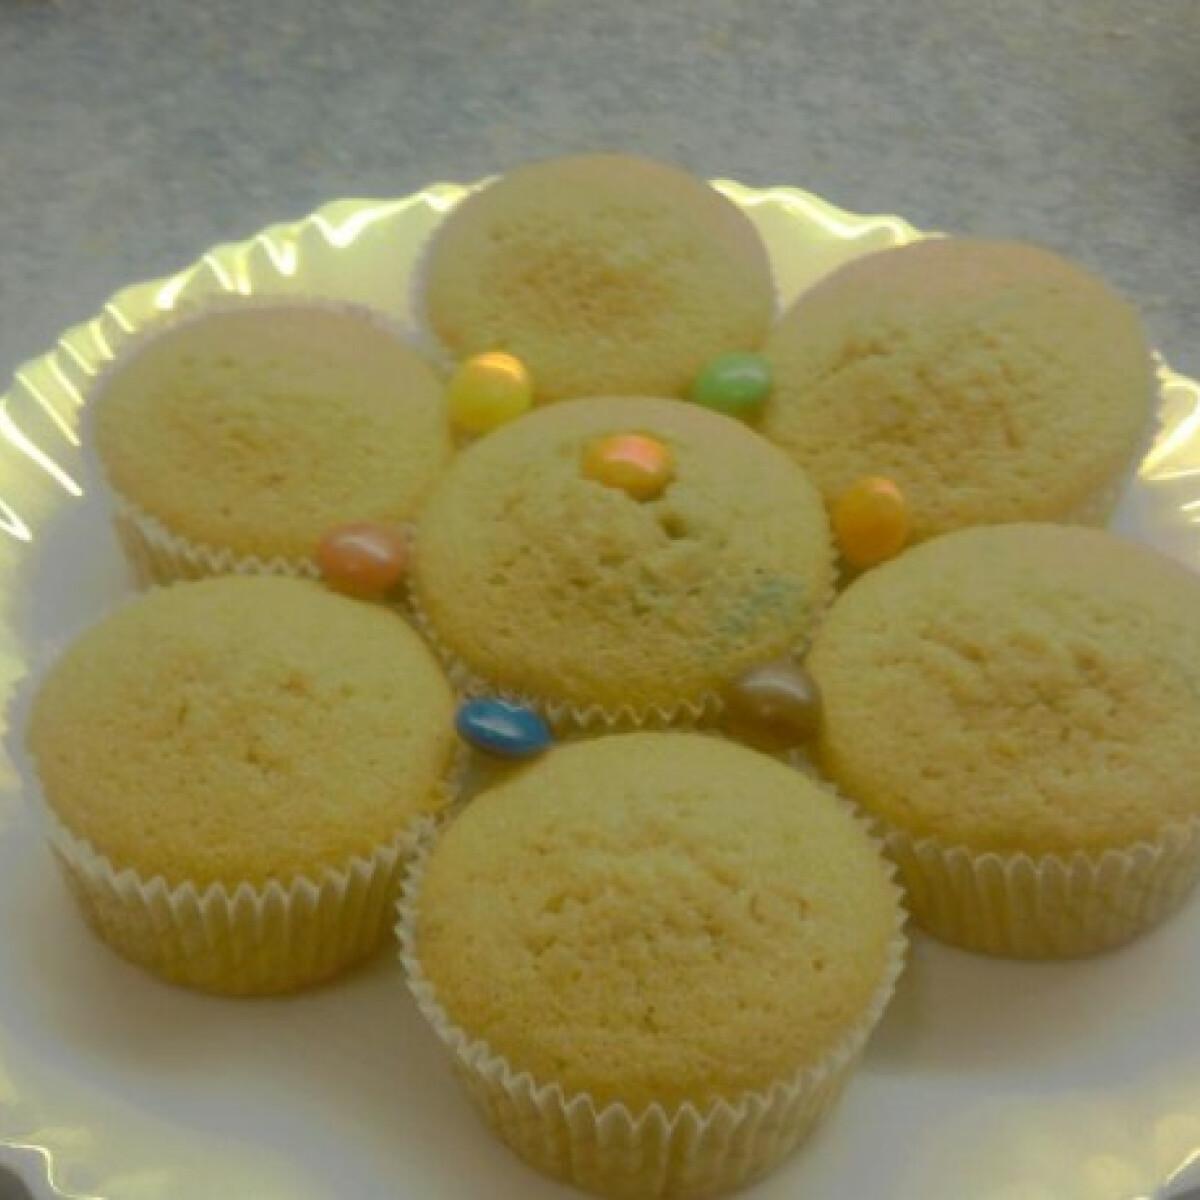 Ezen a képen: Narancsos-kakaós muffin Dorci konyhájából